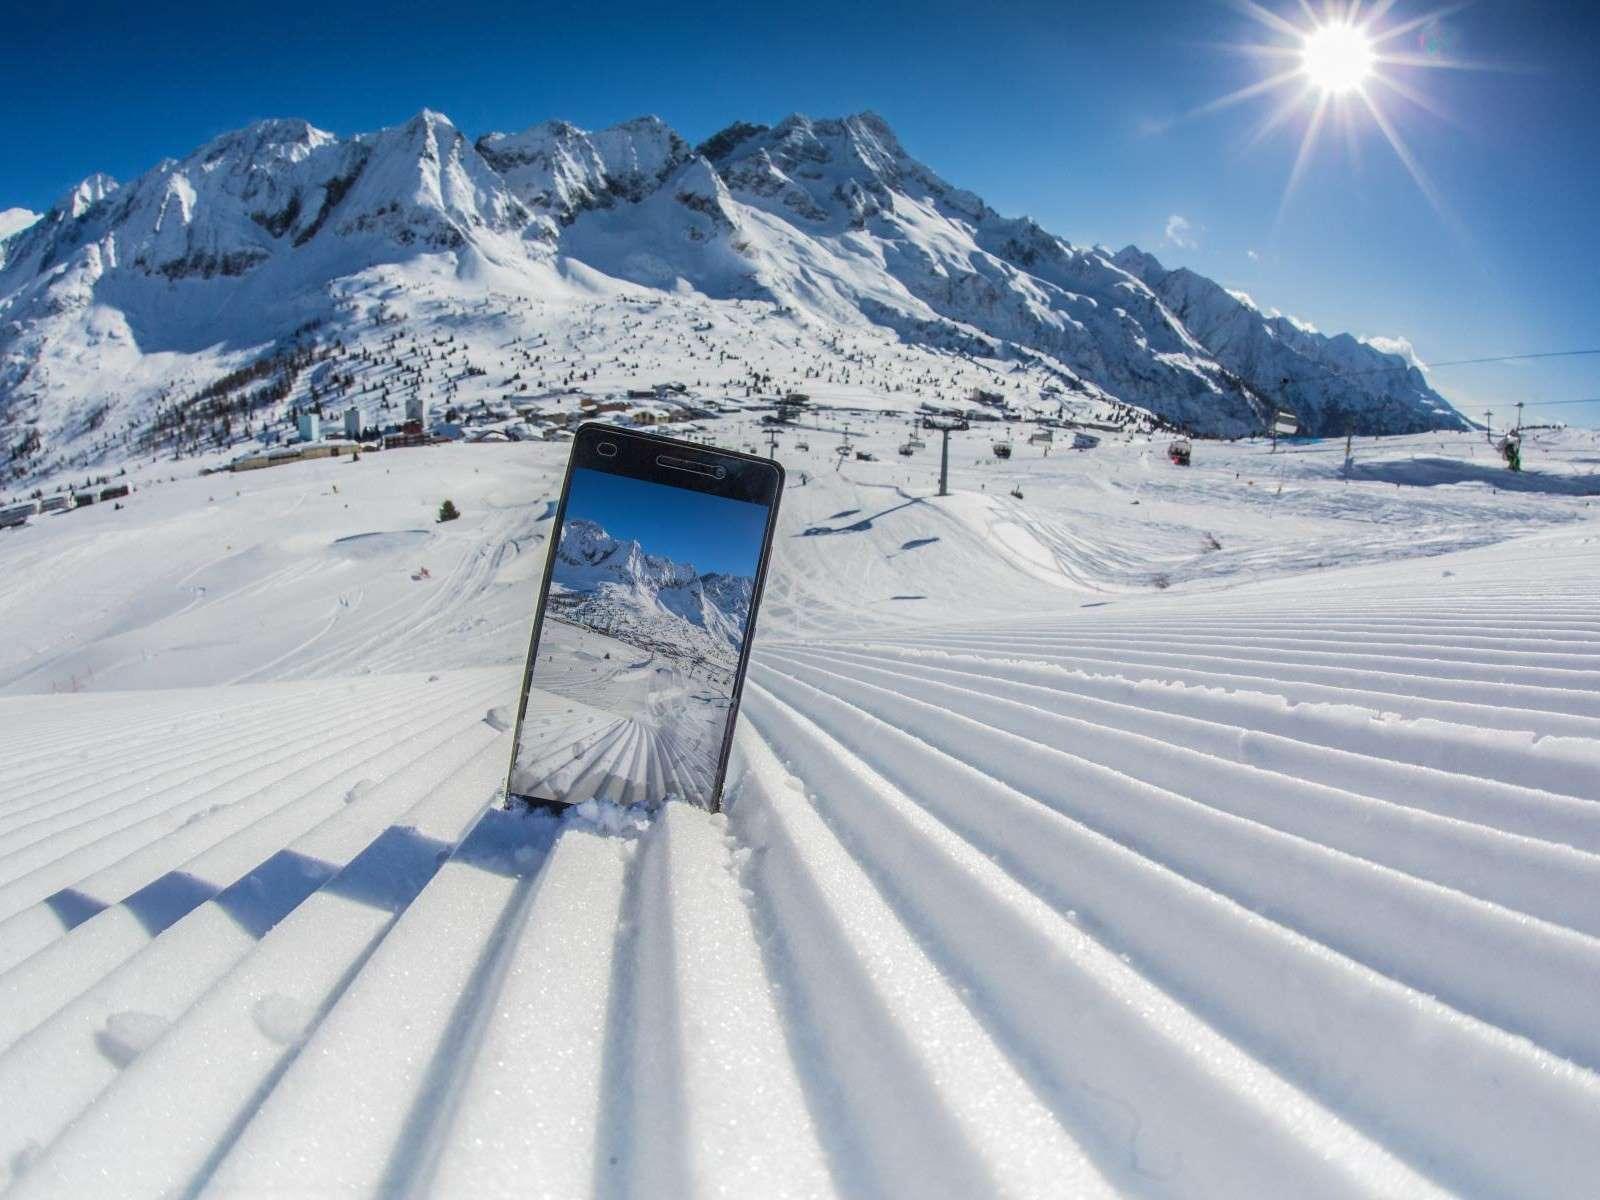 offea di pasqua in trentino - val di sole offerta con skipass Skiarea Pontedilegno Tonale ph Tommaso Prugnola (38)001